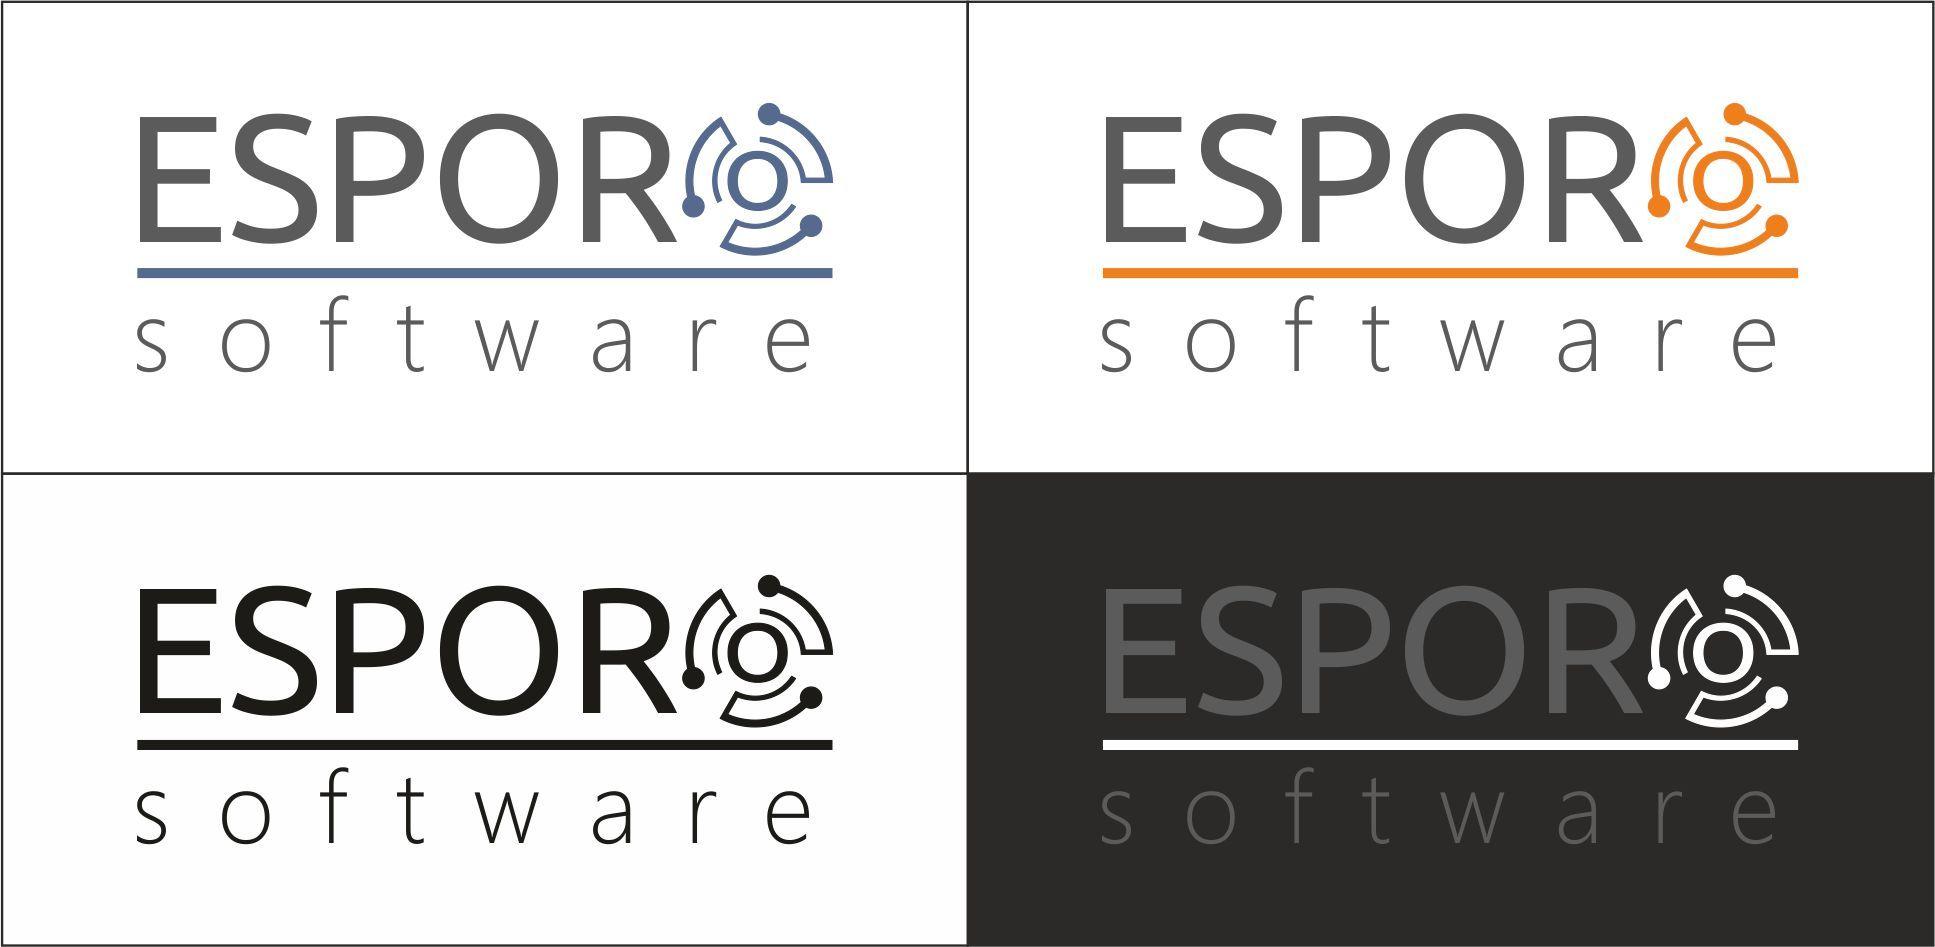 Логотип и фирменный стиль для ИТ-компании - дизайнер Lepata